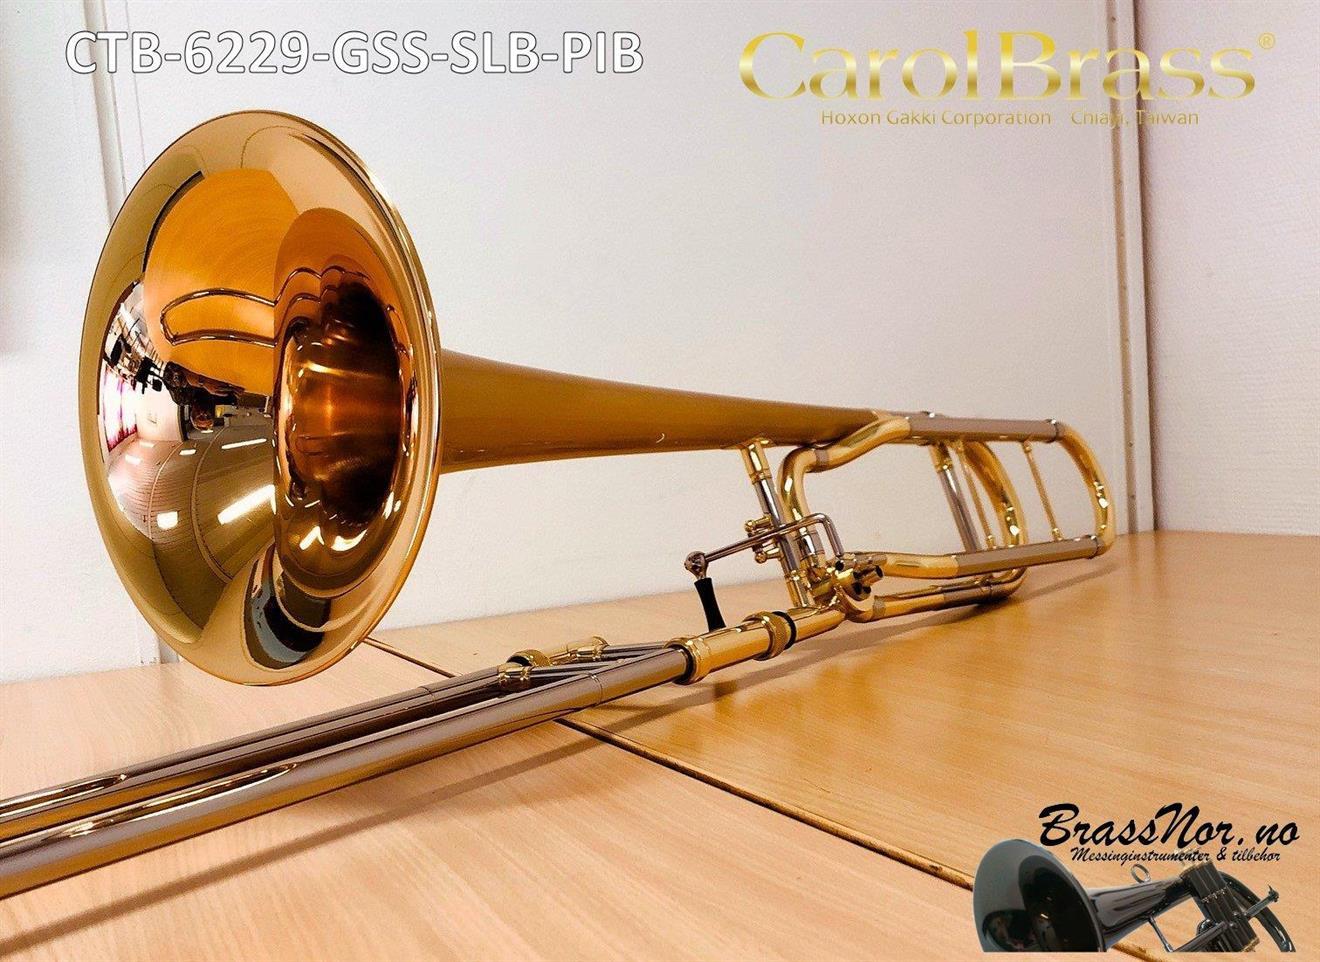 Trombone B/F CTB-6229-GSS-YNNN-N3-SLB